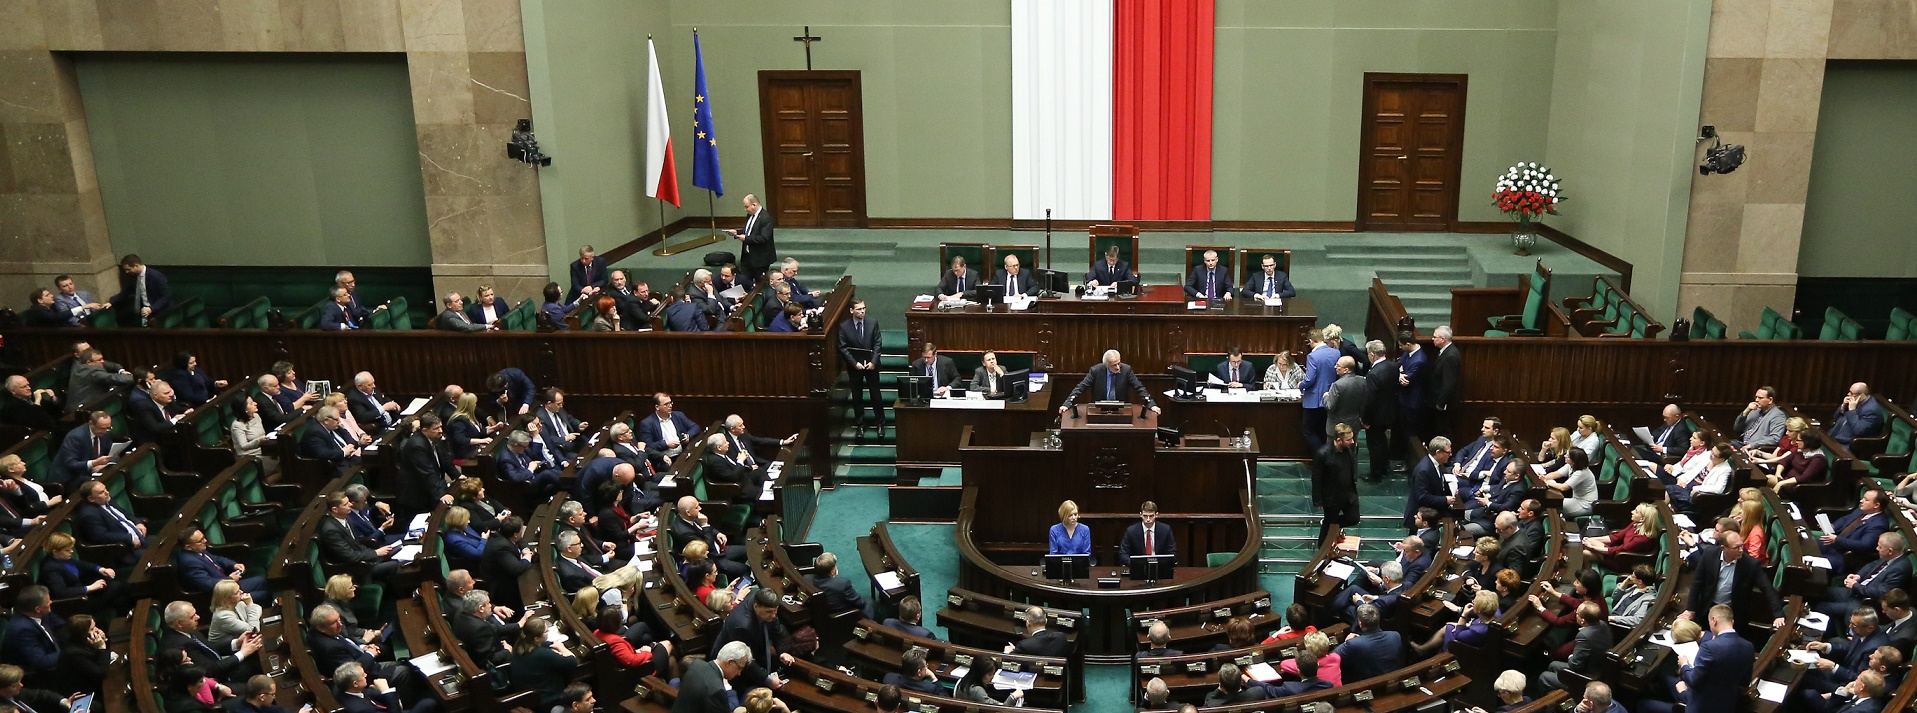 Sejm: Projekty uchwał w sprawie powołania komisji śledczej ds. nieprawidłowości w ściąganiu VAT-u